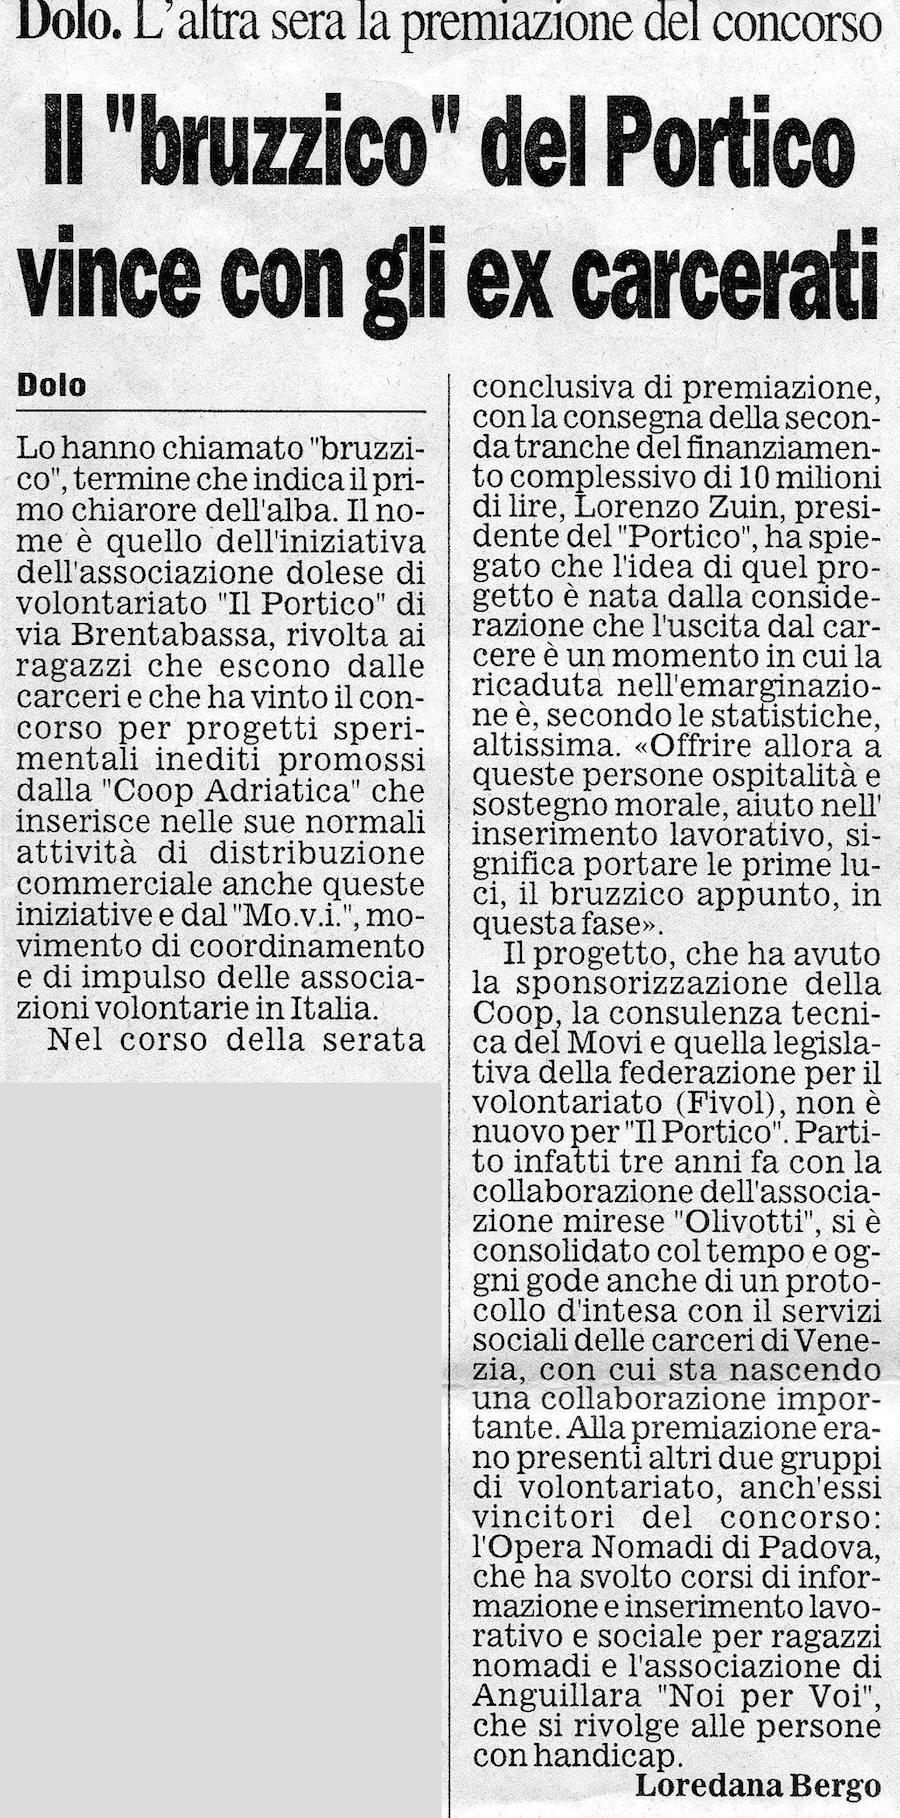 1997.11.22 Il Gazzettino di Venezia (p. 27)